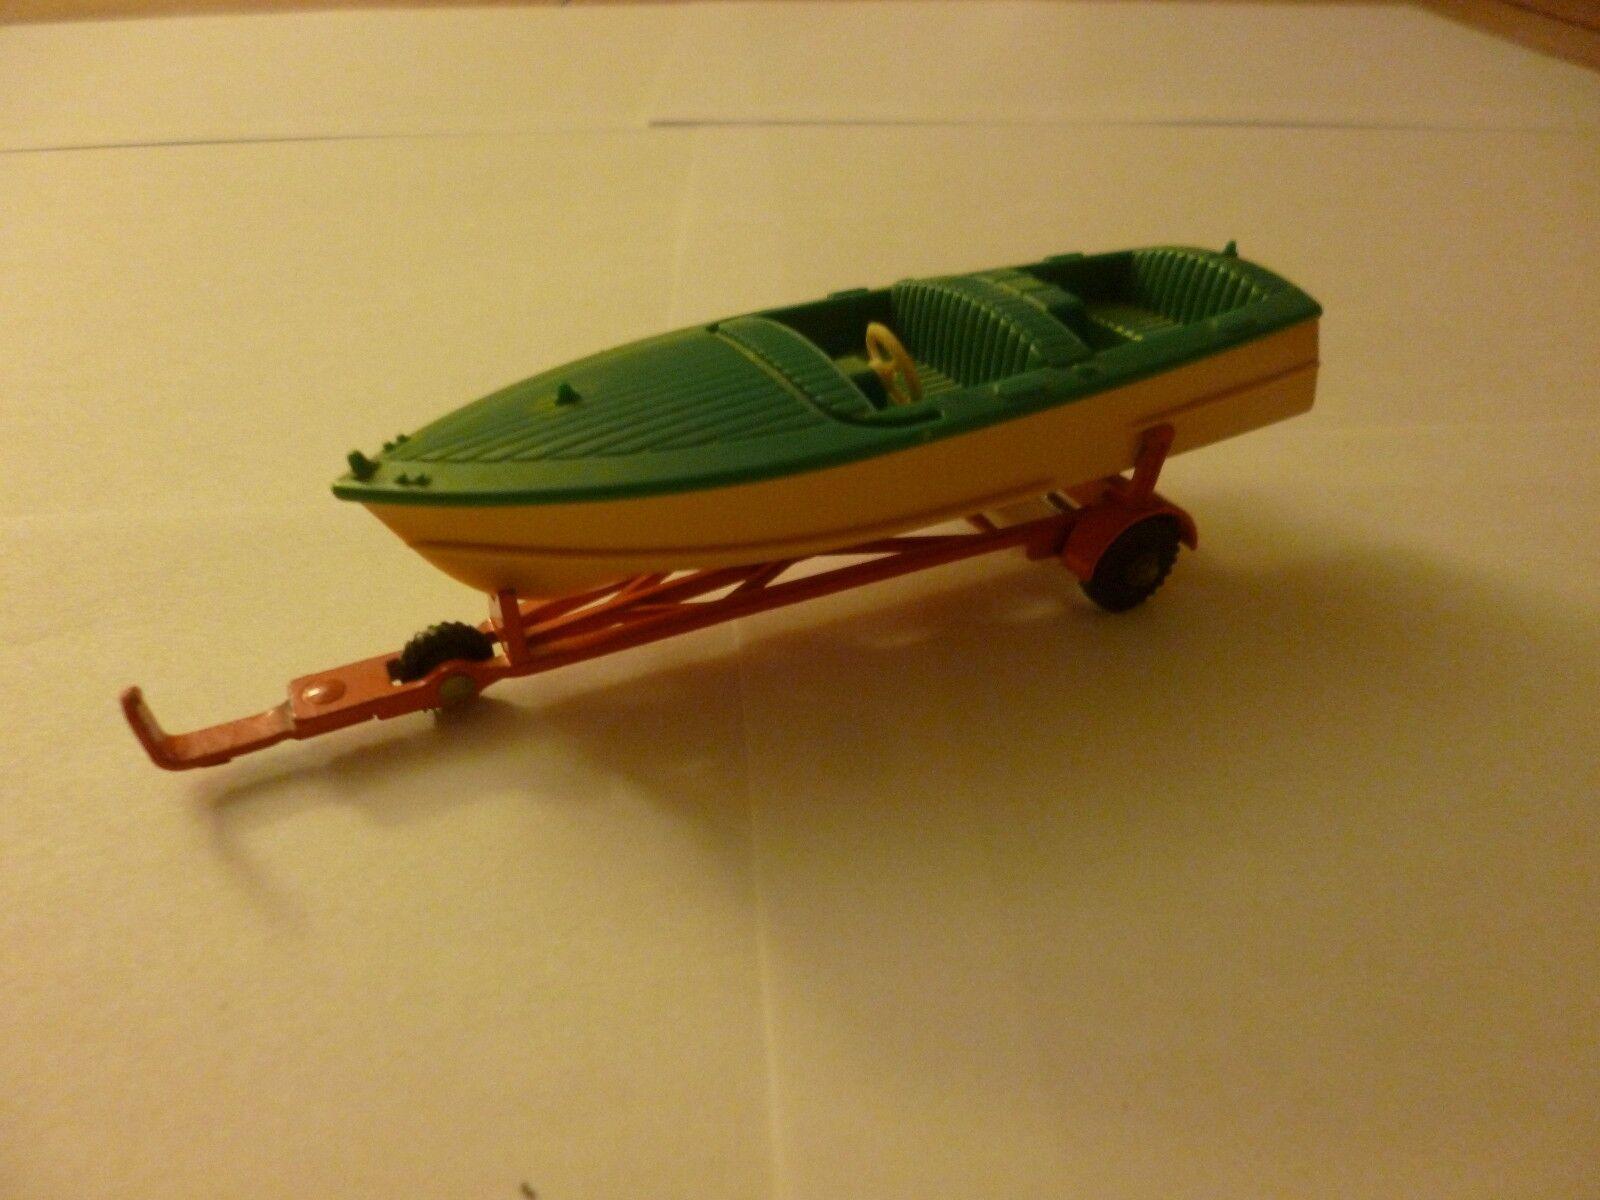 Remorque et bateau Dinky toys   1.43e fabrication année 60 boite d'origine